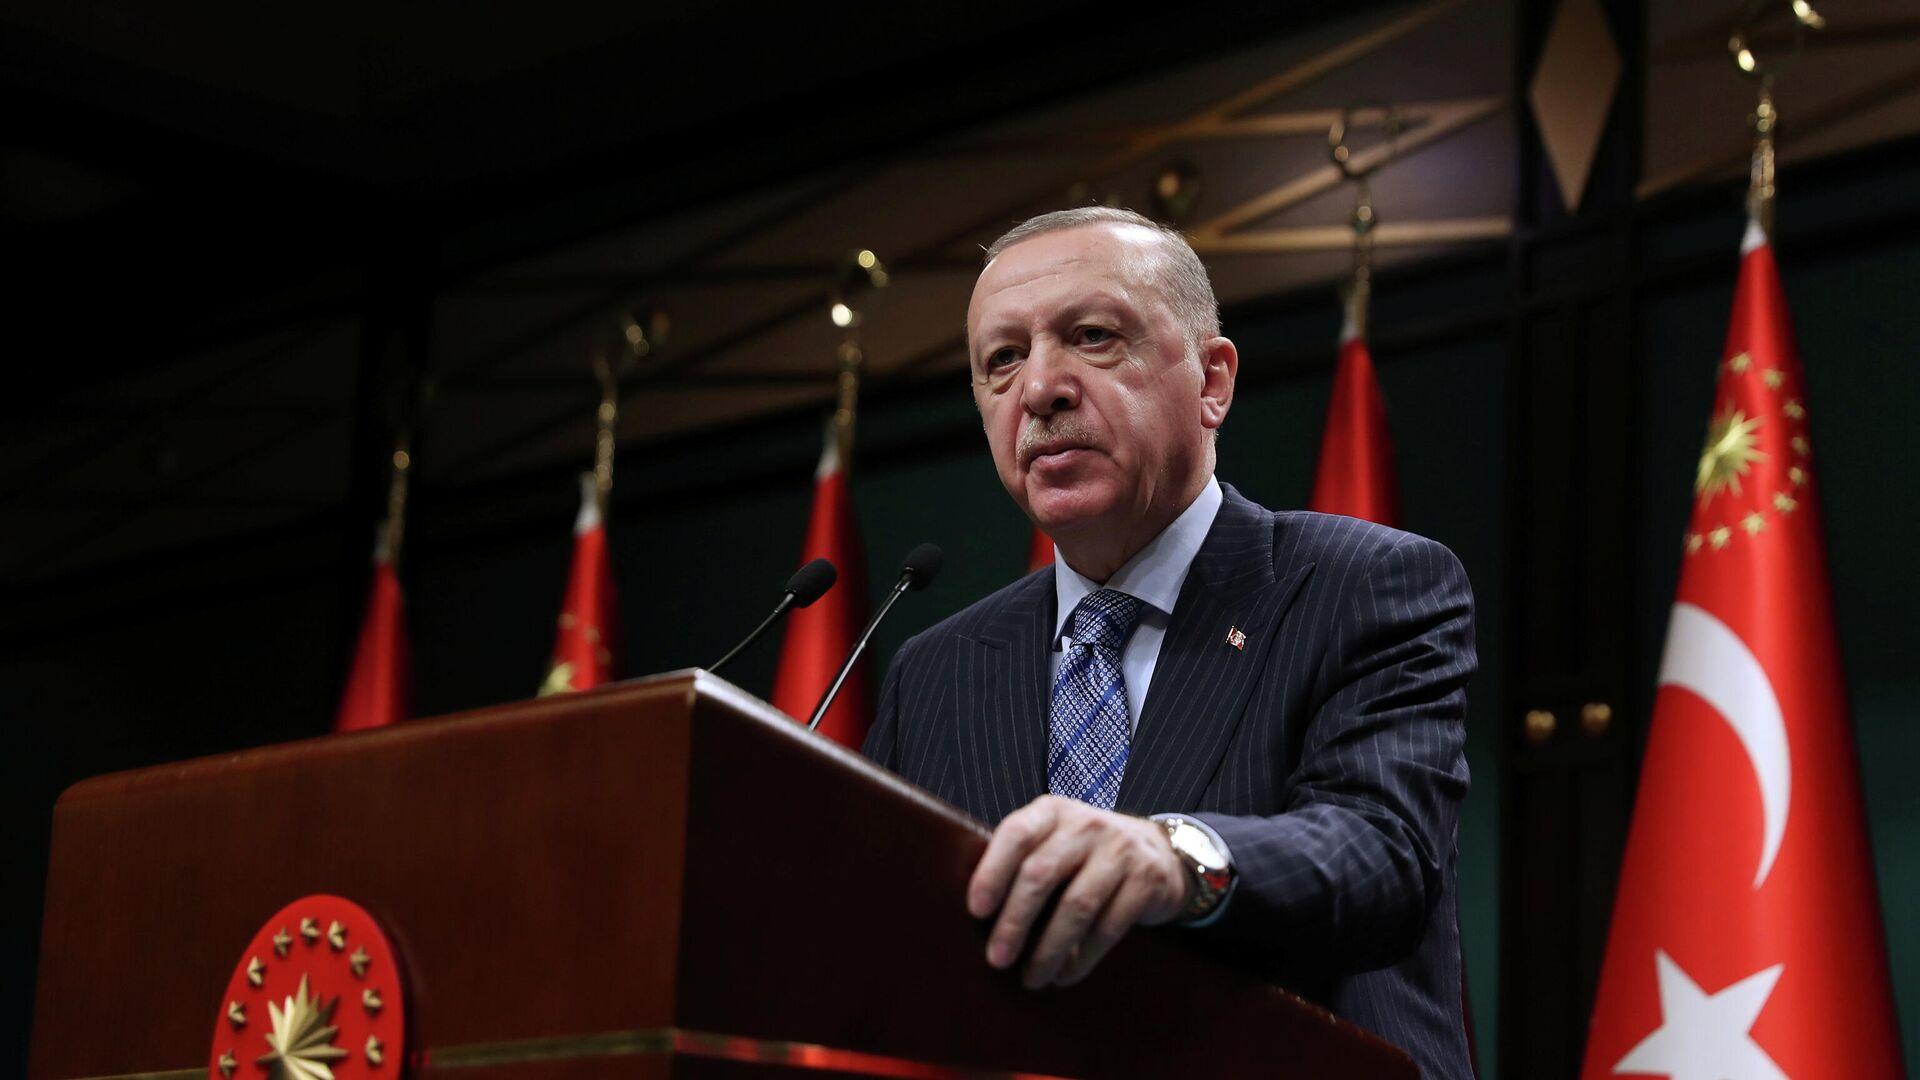 Recep Tayyip Erdogan, presidente de Turquía - Sputnik Mundo, 1920, 19.05.2021